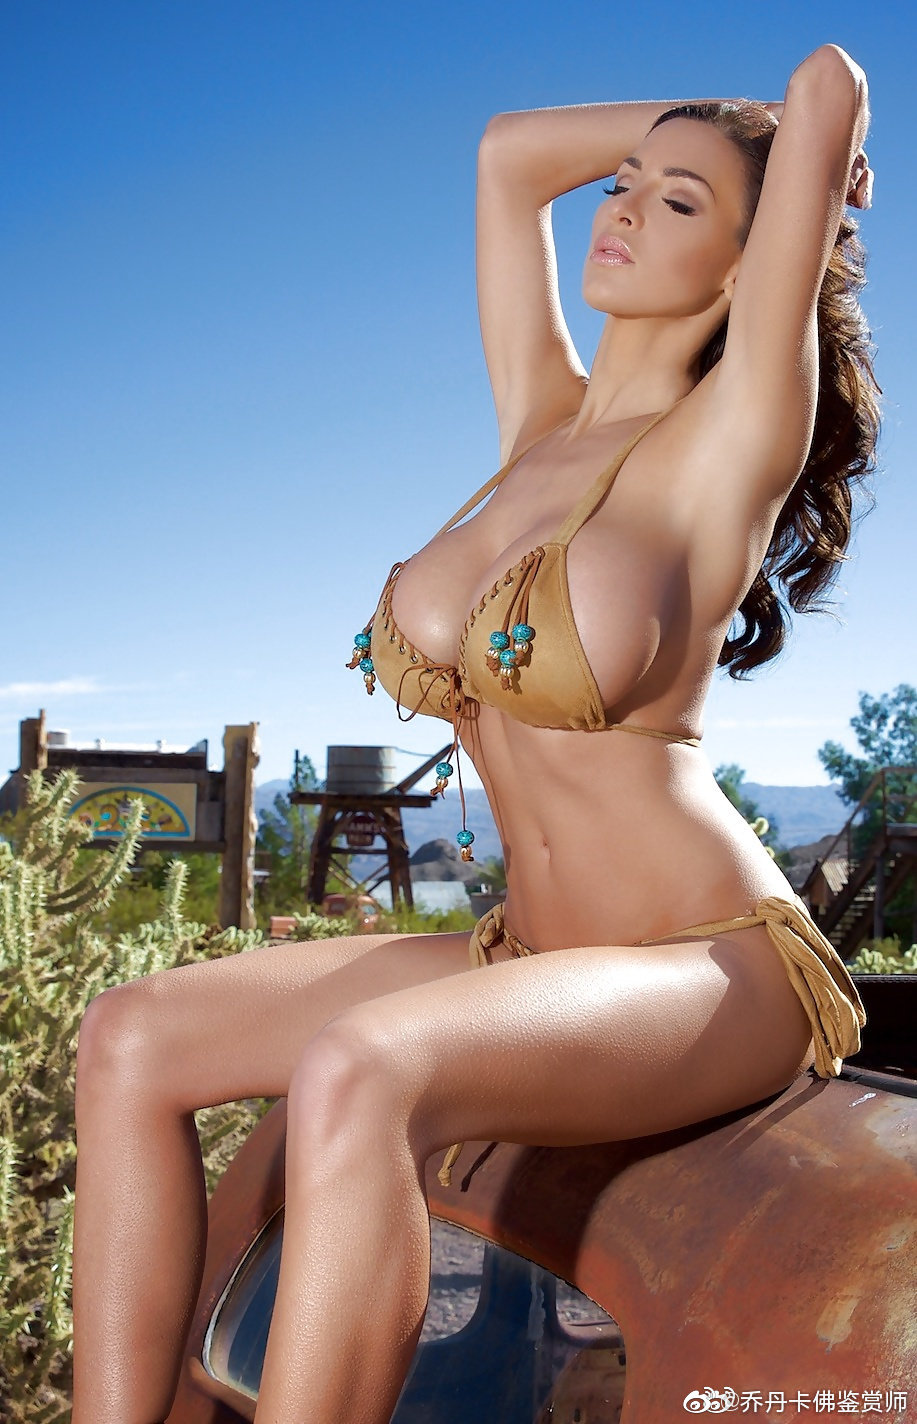 极品胸模乔丹卡佛户外比基尼写真 旷世巨乳波涛汹涌气势胸胸